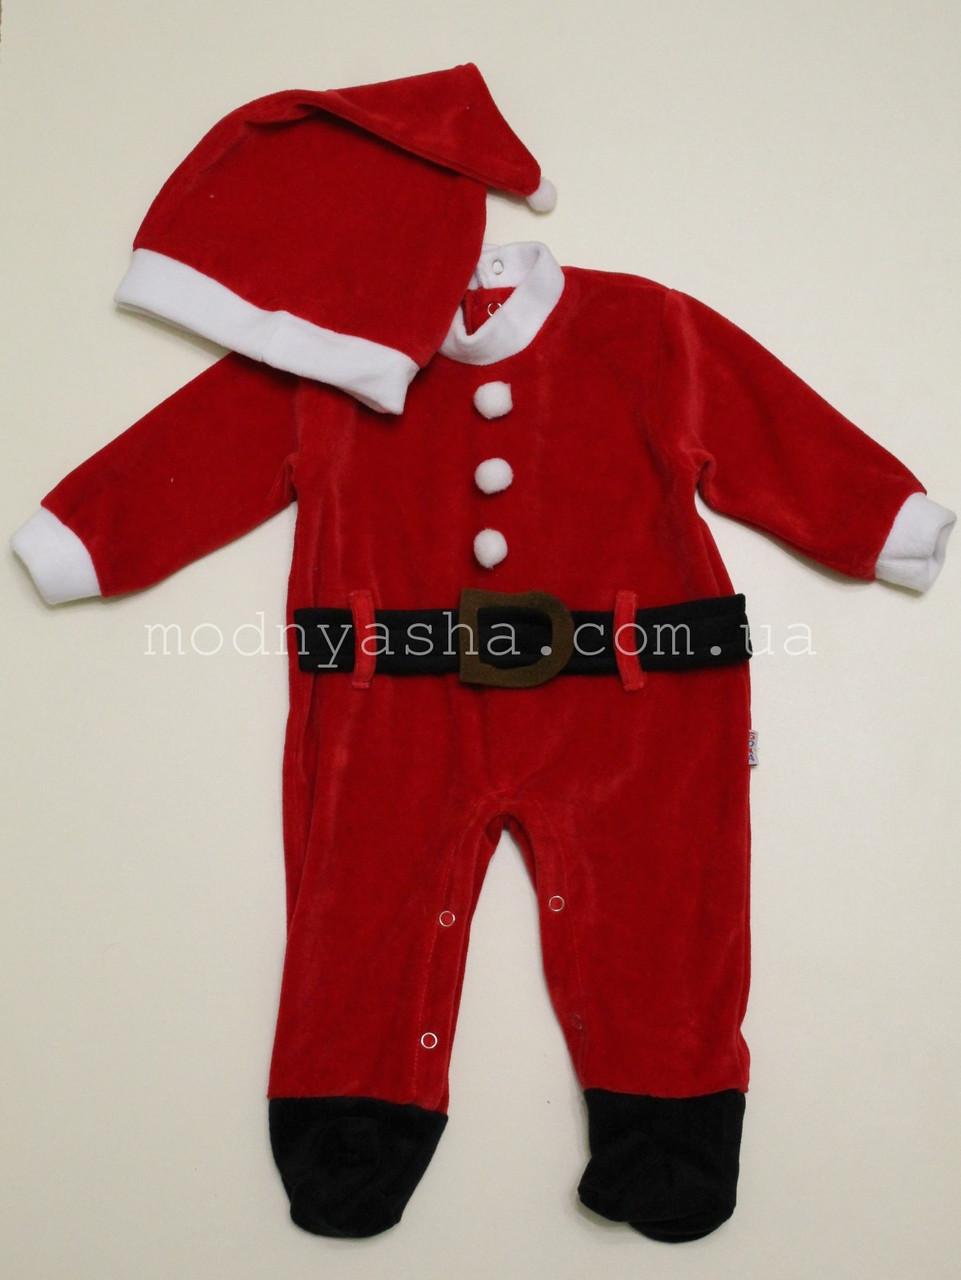 Костюм Новорічний чоловічок з шапочкою для хлопчика 62 розмір велюр